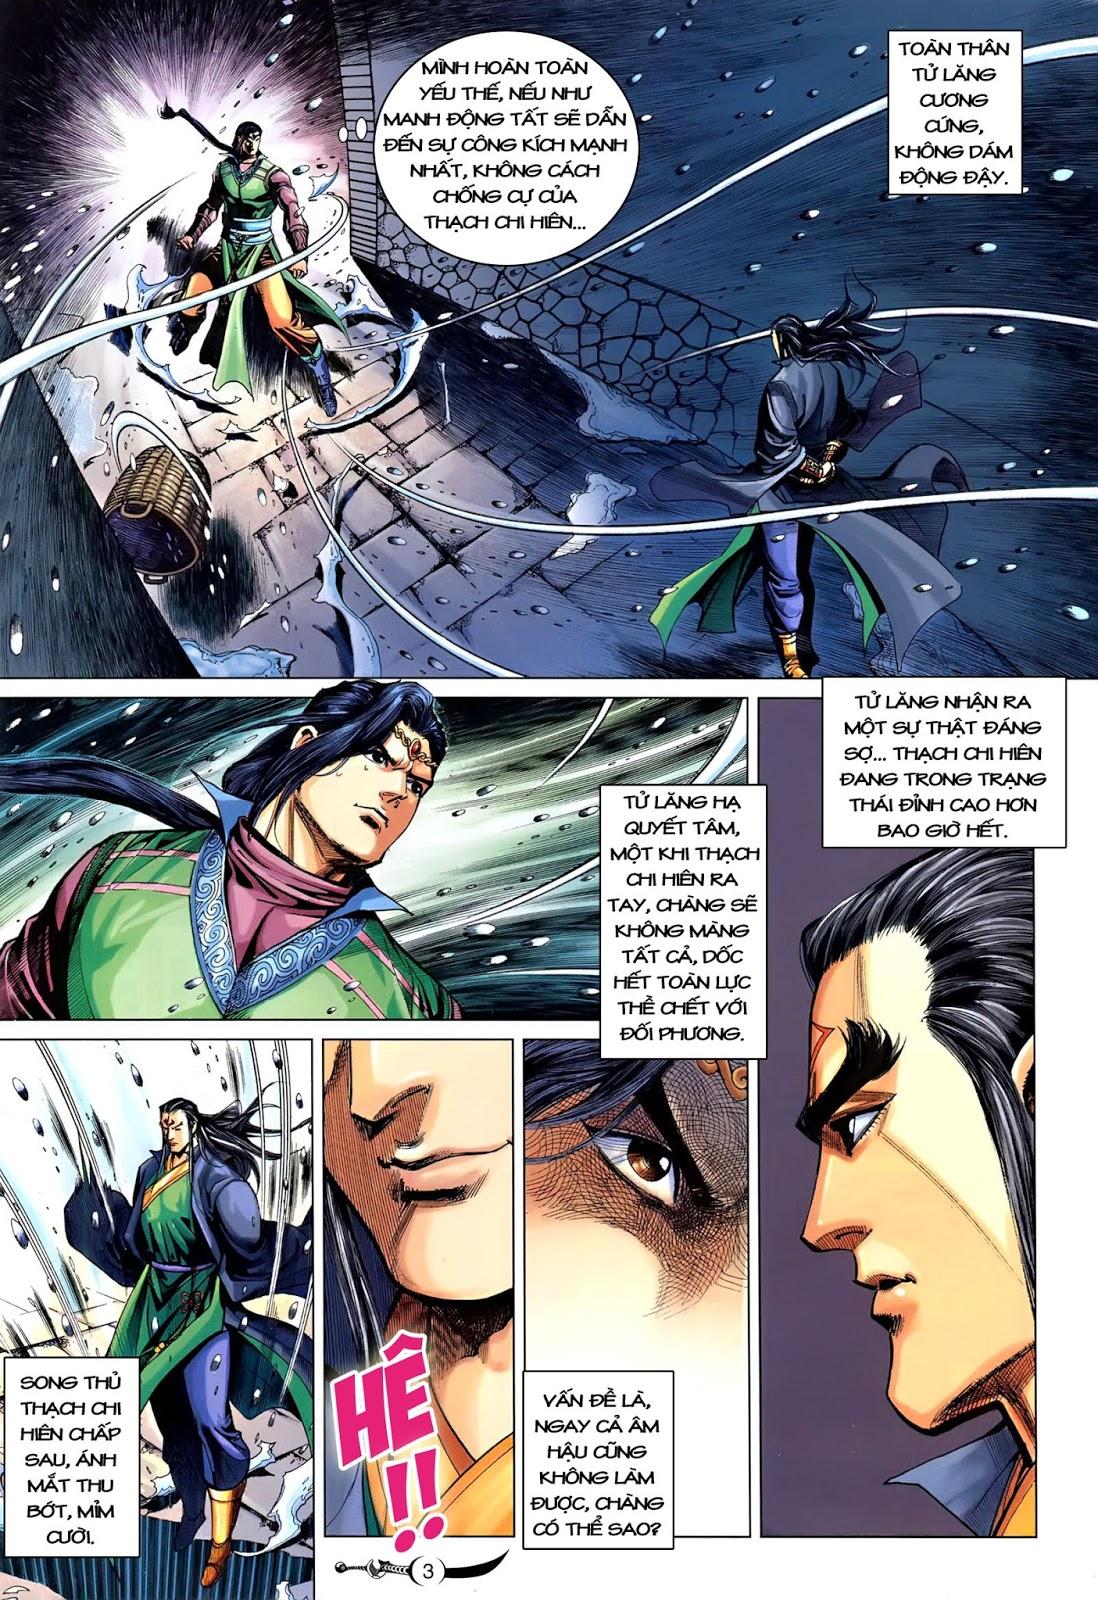 Đại Đường Song Long Truyện chap 216 - Trang 5